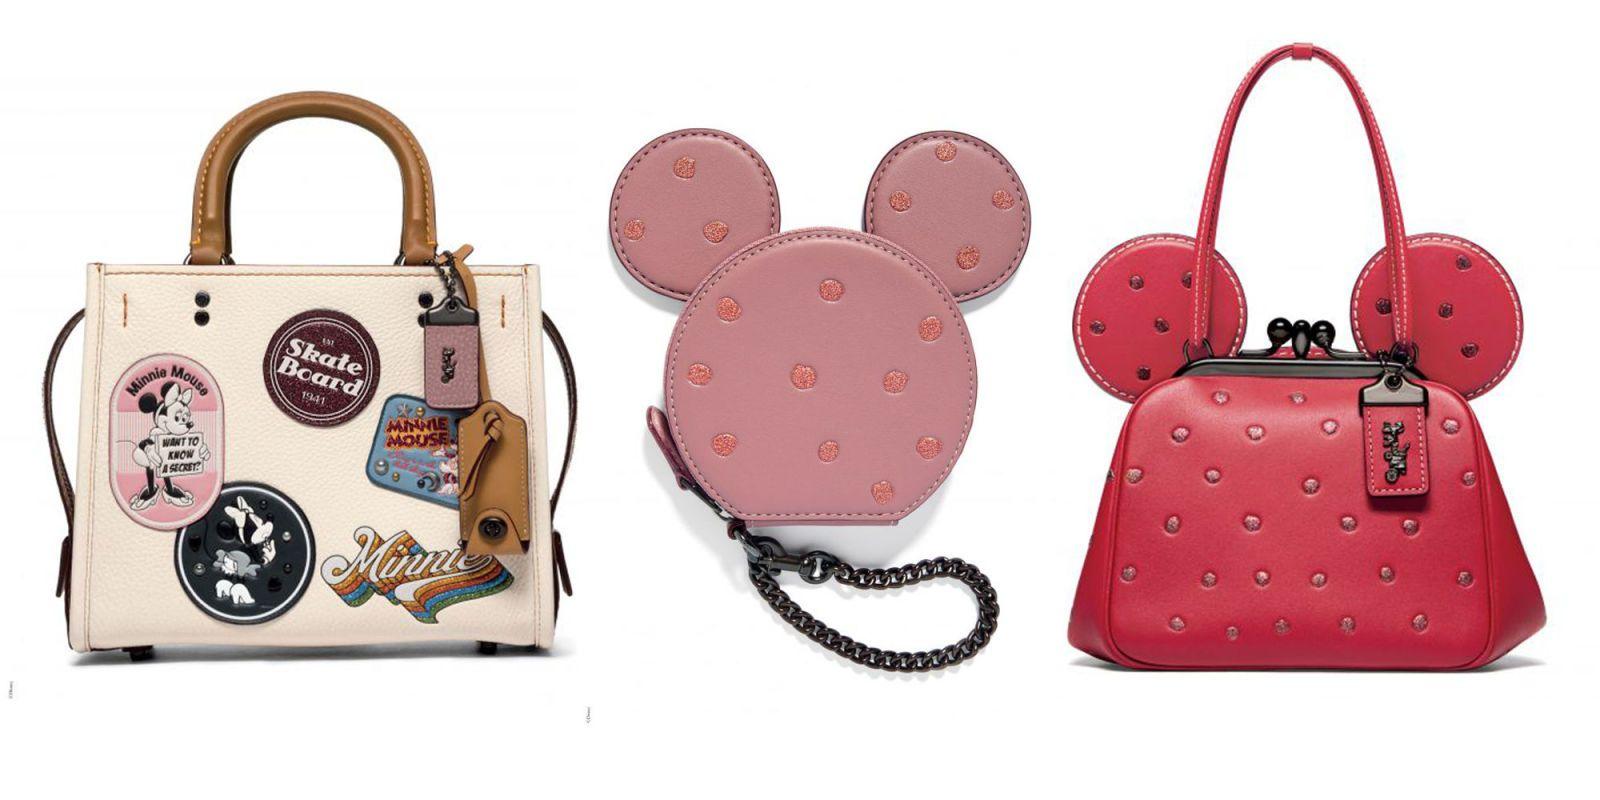 Acheter En Vente En Ligne Entraîneur Entraîneur X Fourre-tout Sleeping Beauty Disney - Rose Et Violet Parcourir Réduction Images De Dégagement Réduction Manchester Classique Sortie i5hSlQE1